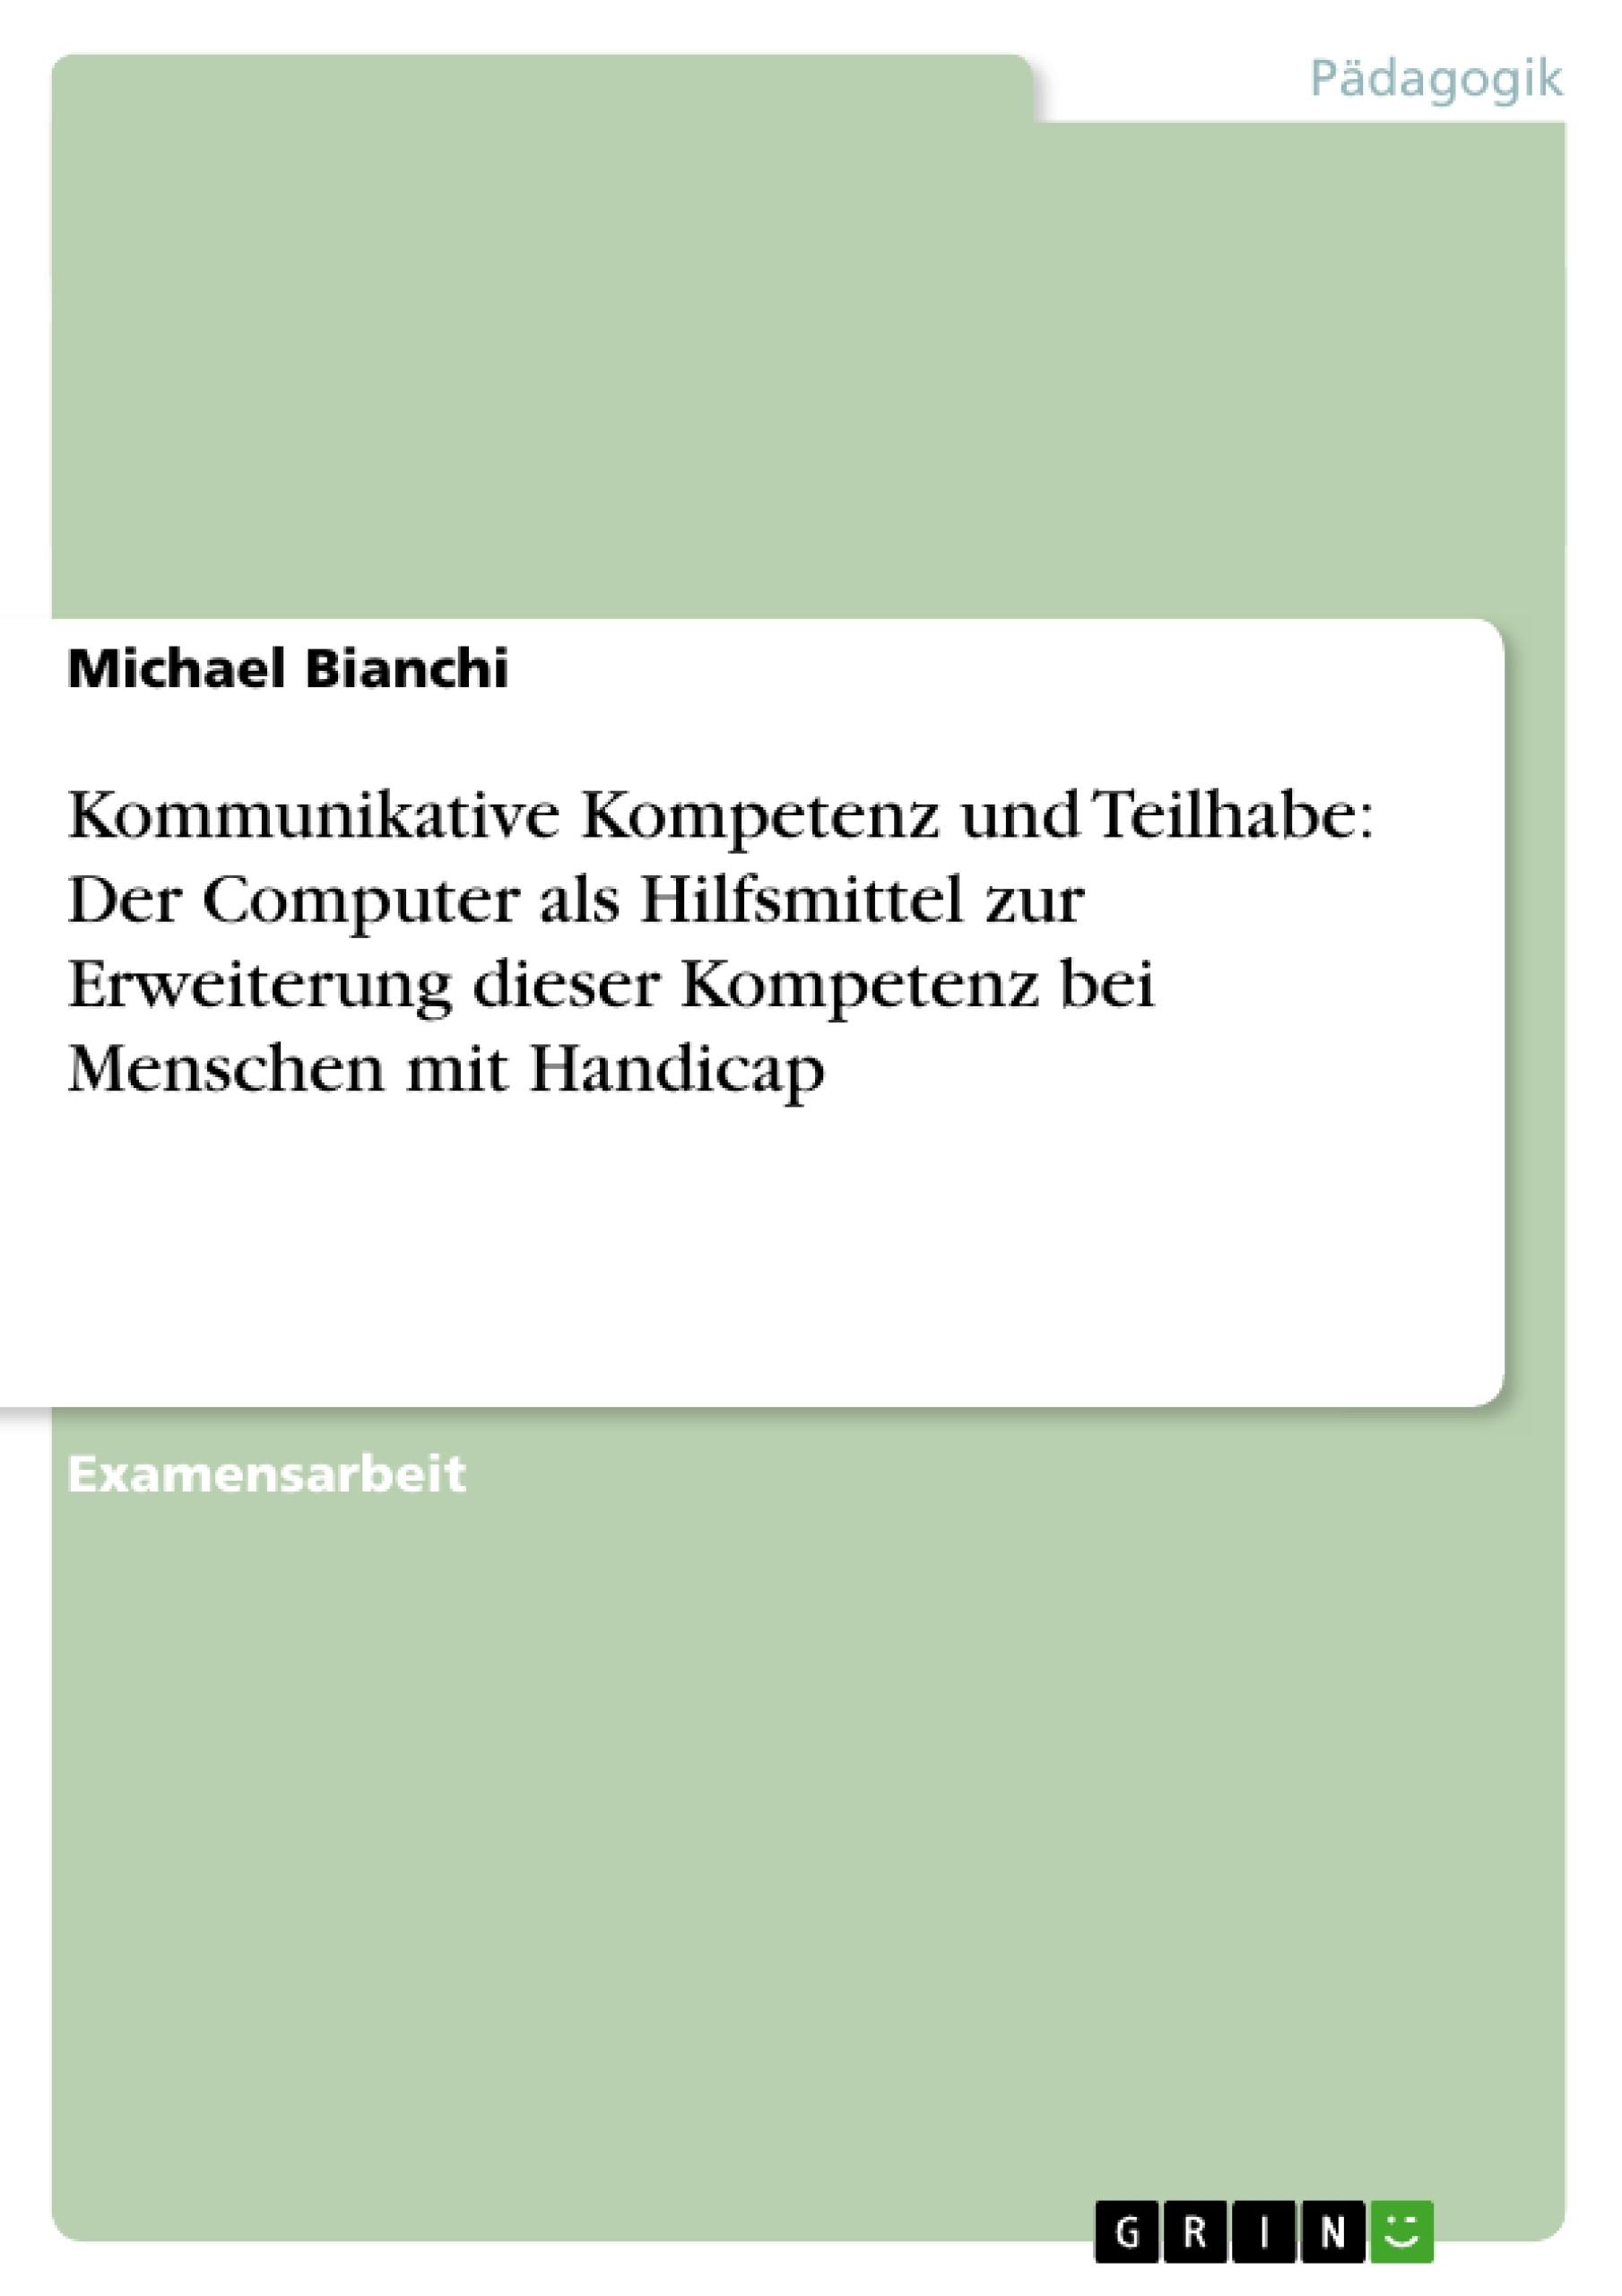 Titel: Kommunikative Kompetenz und Teilhabe: Der Computer als Hilfsmittel zur Erweiterung dieser Kompetenz bei Menschen mit Handicap